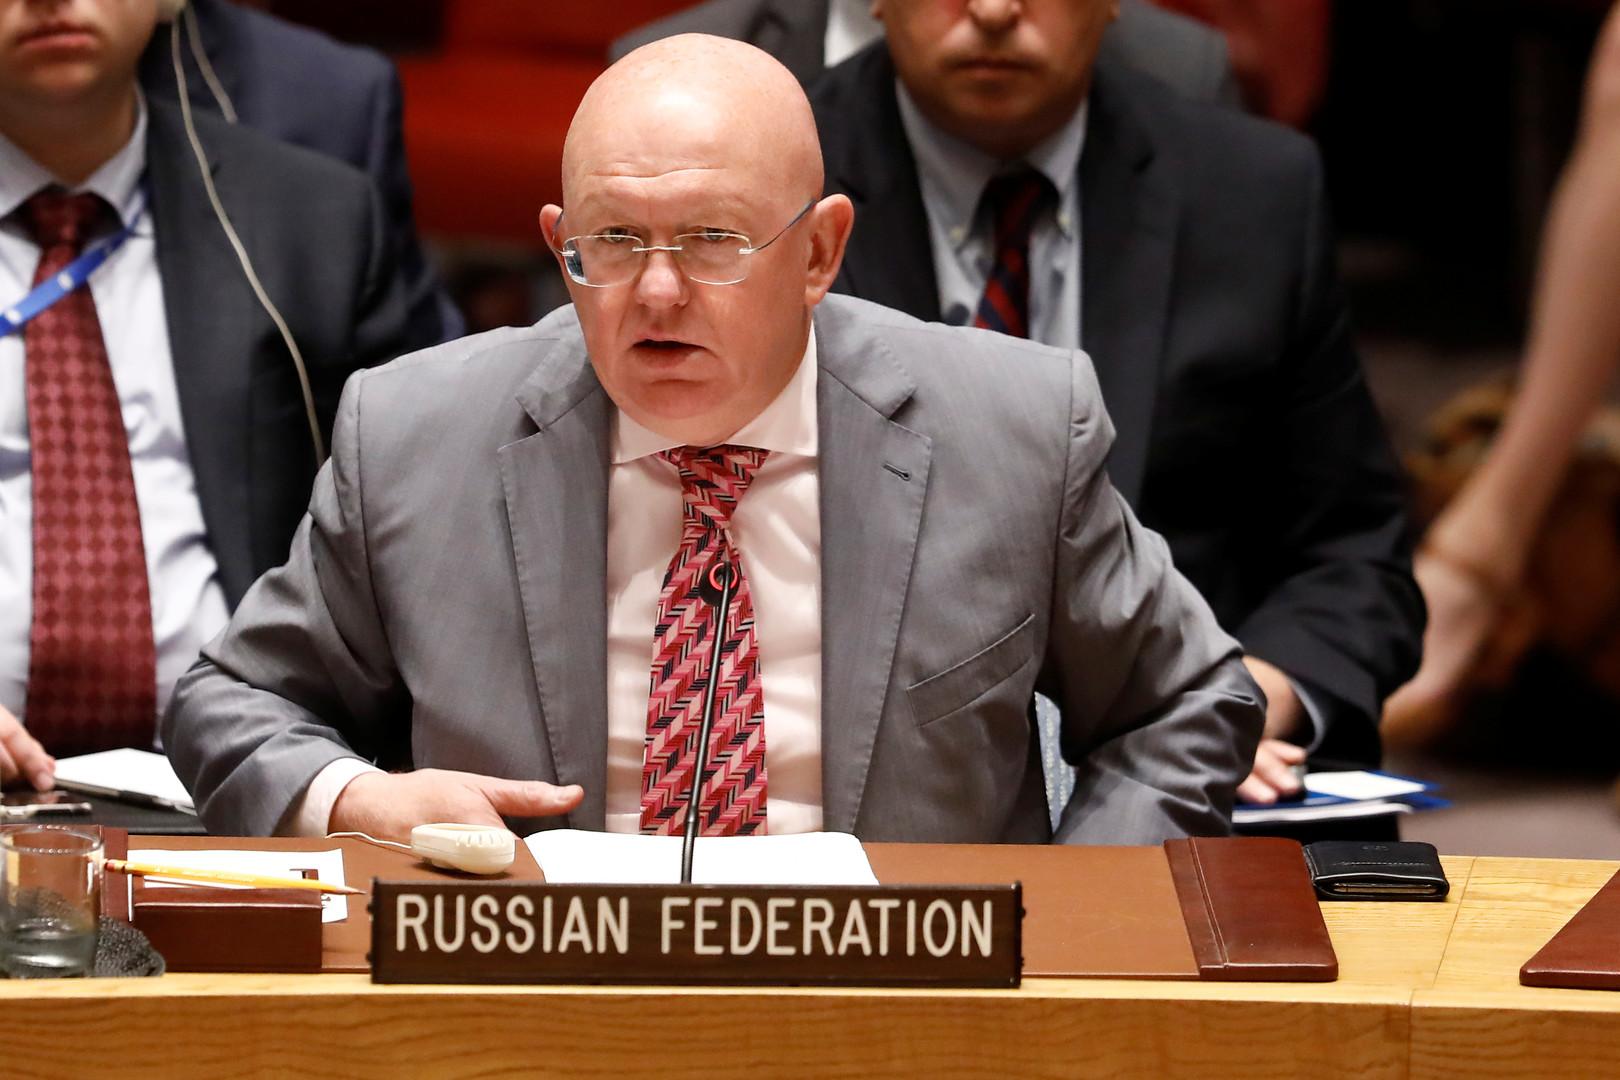 نيبينزيا: الغرب يسعى للحفاظ على الجيب الإرهابي في إدلب لاستخدامه ضد السلطات السورية